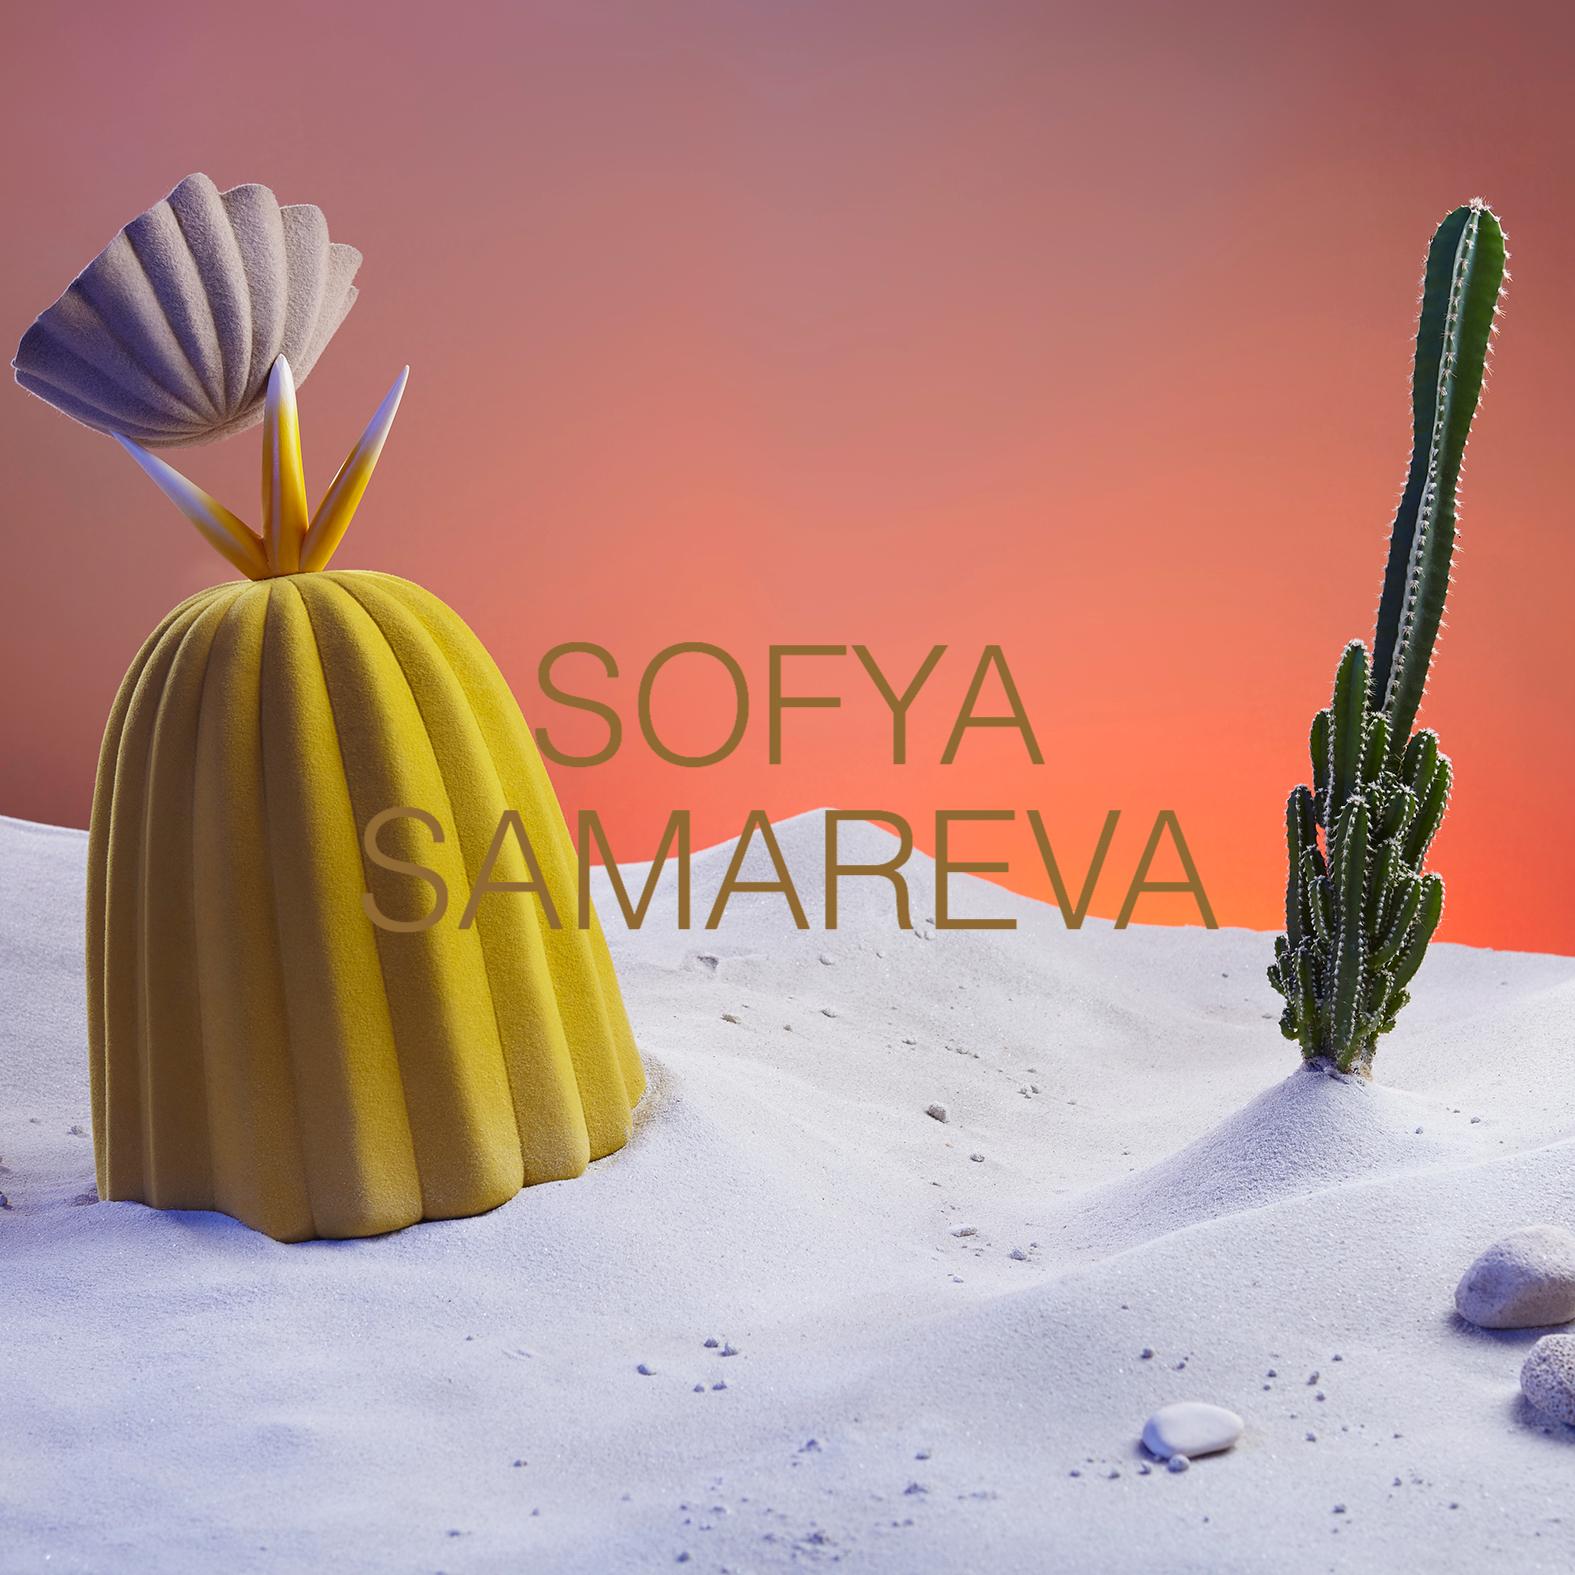 Sofya Samareva